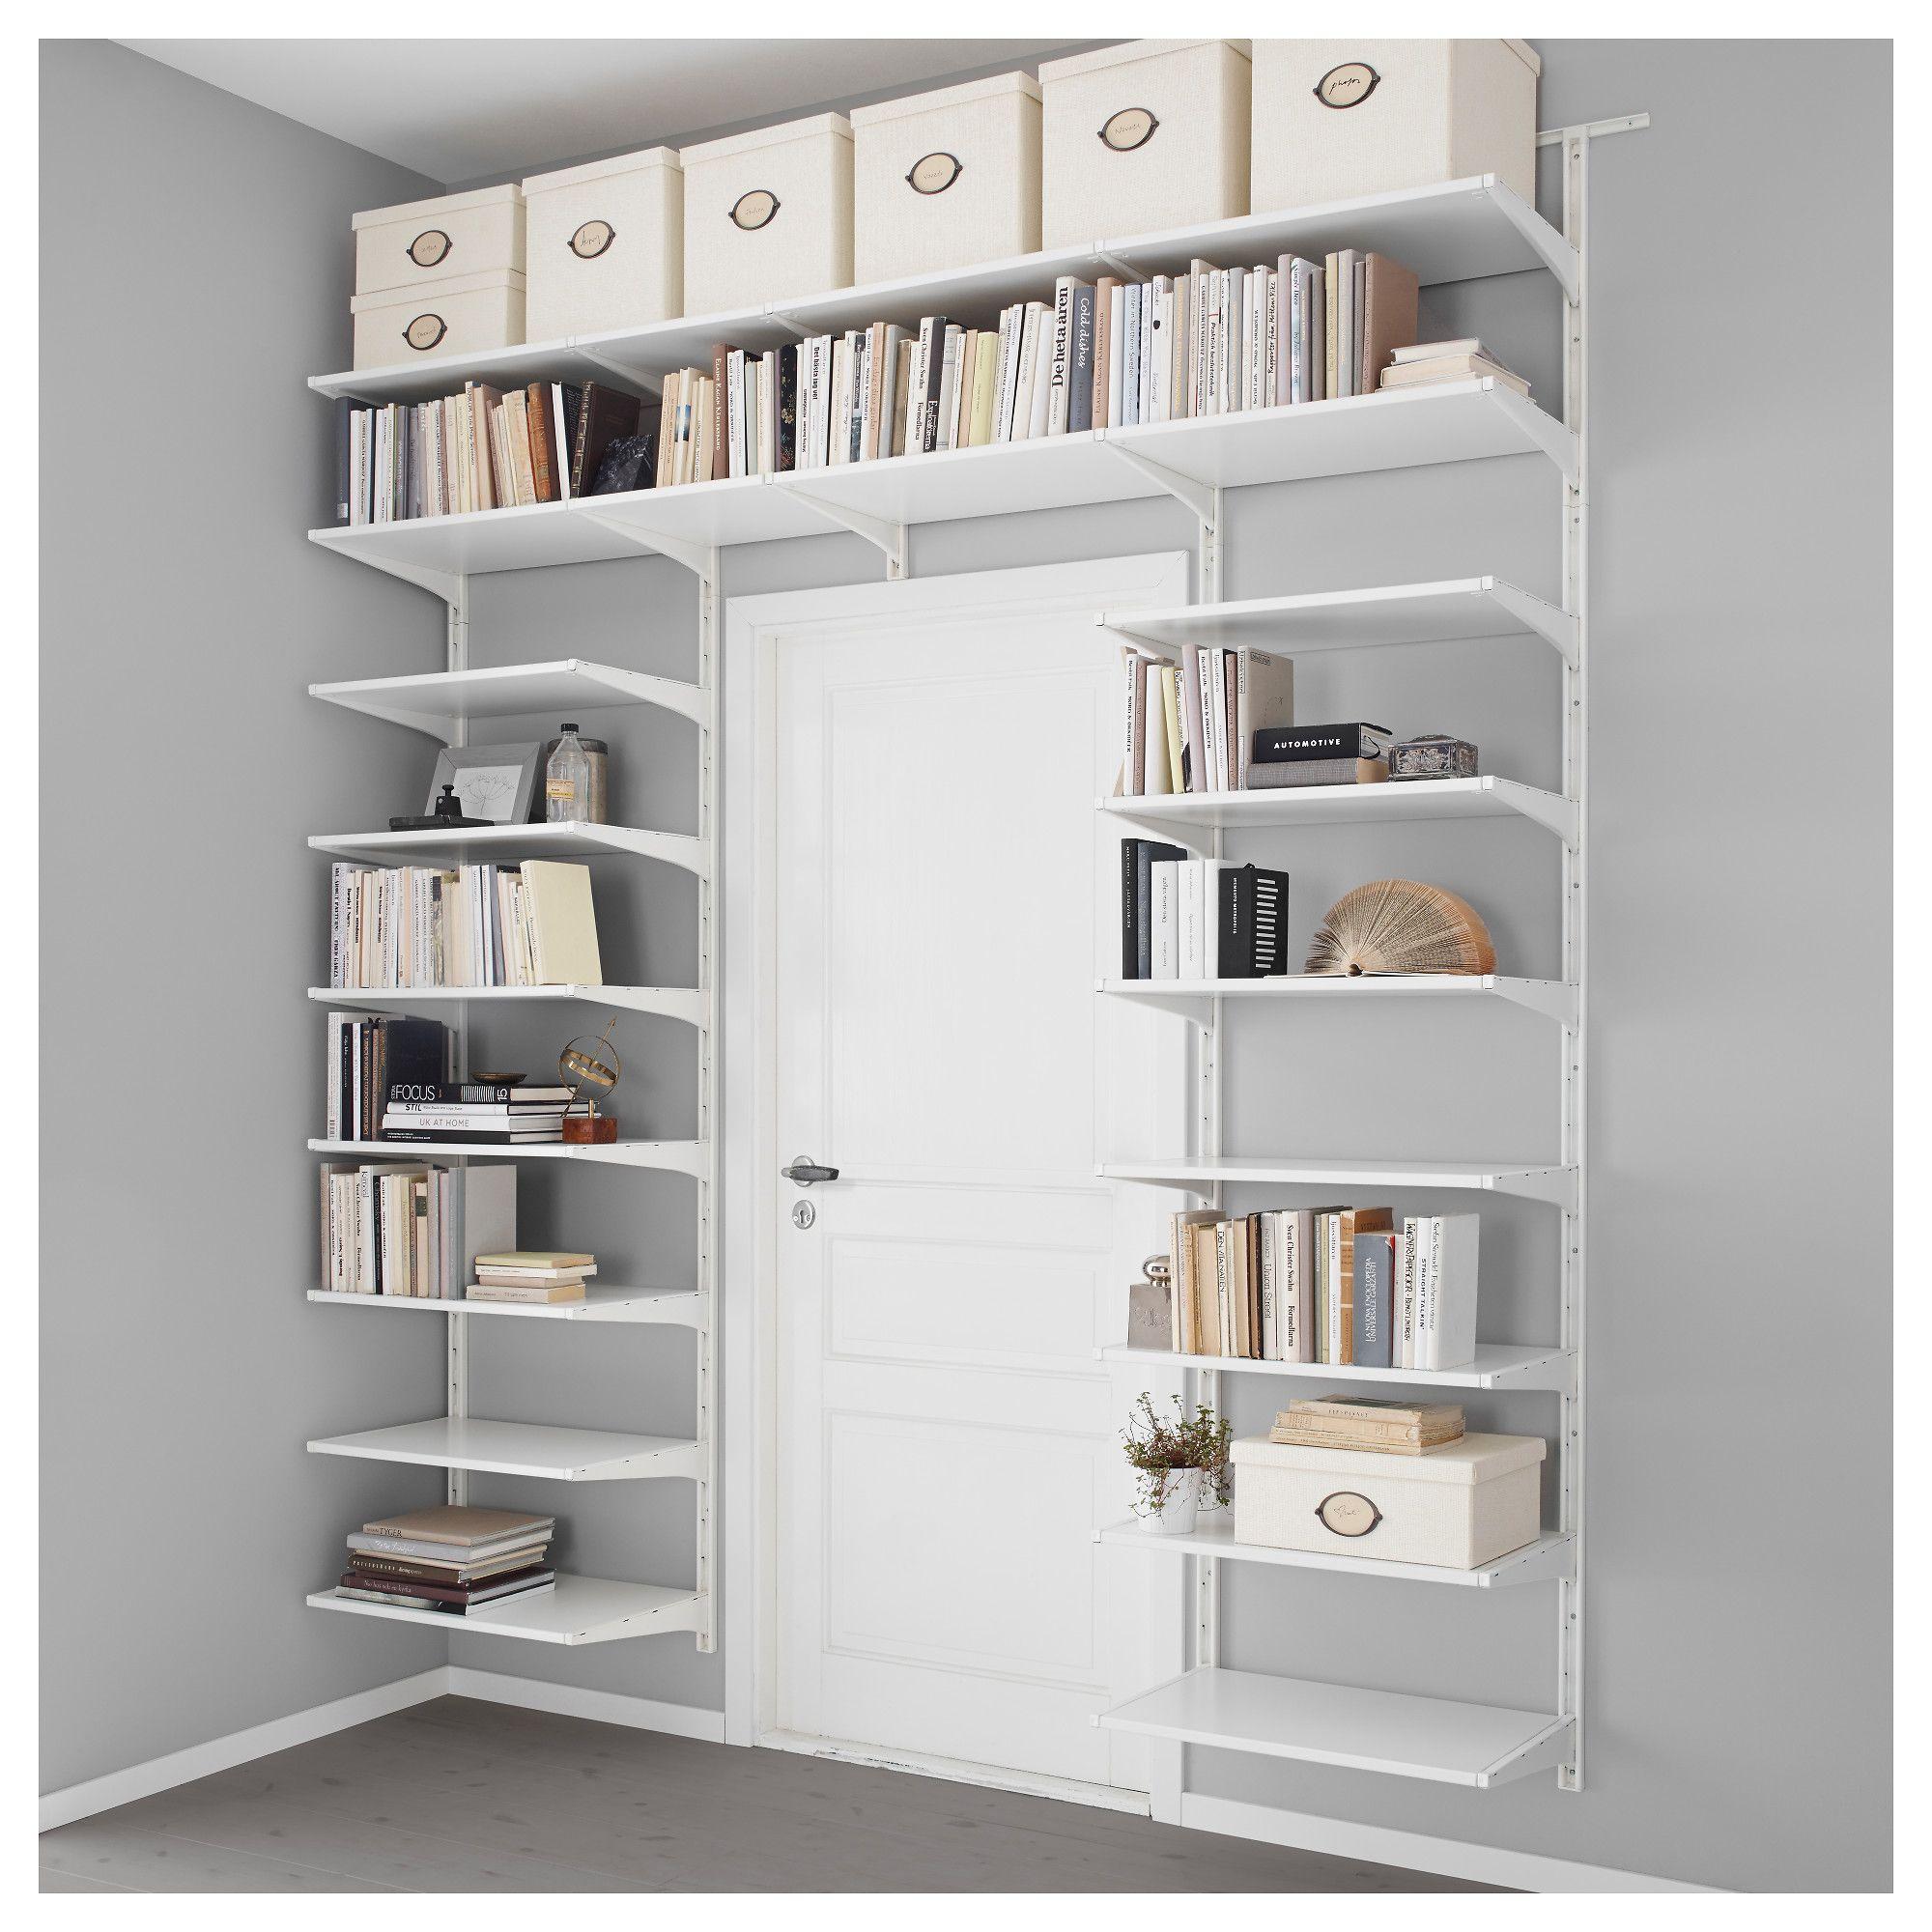 Algot Wall Upright Shelves White 95 1 4x16 1 8x78 3 8 แบบ